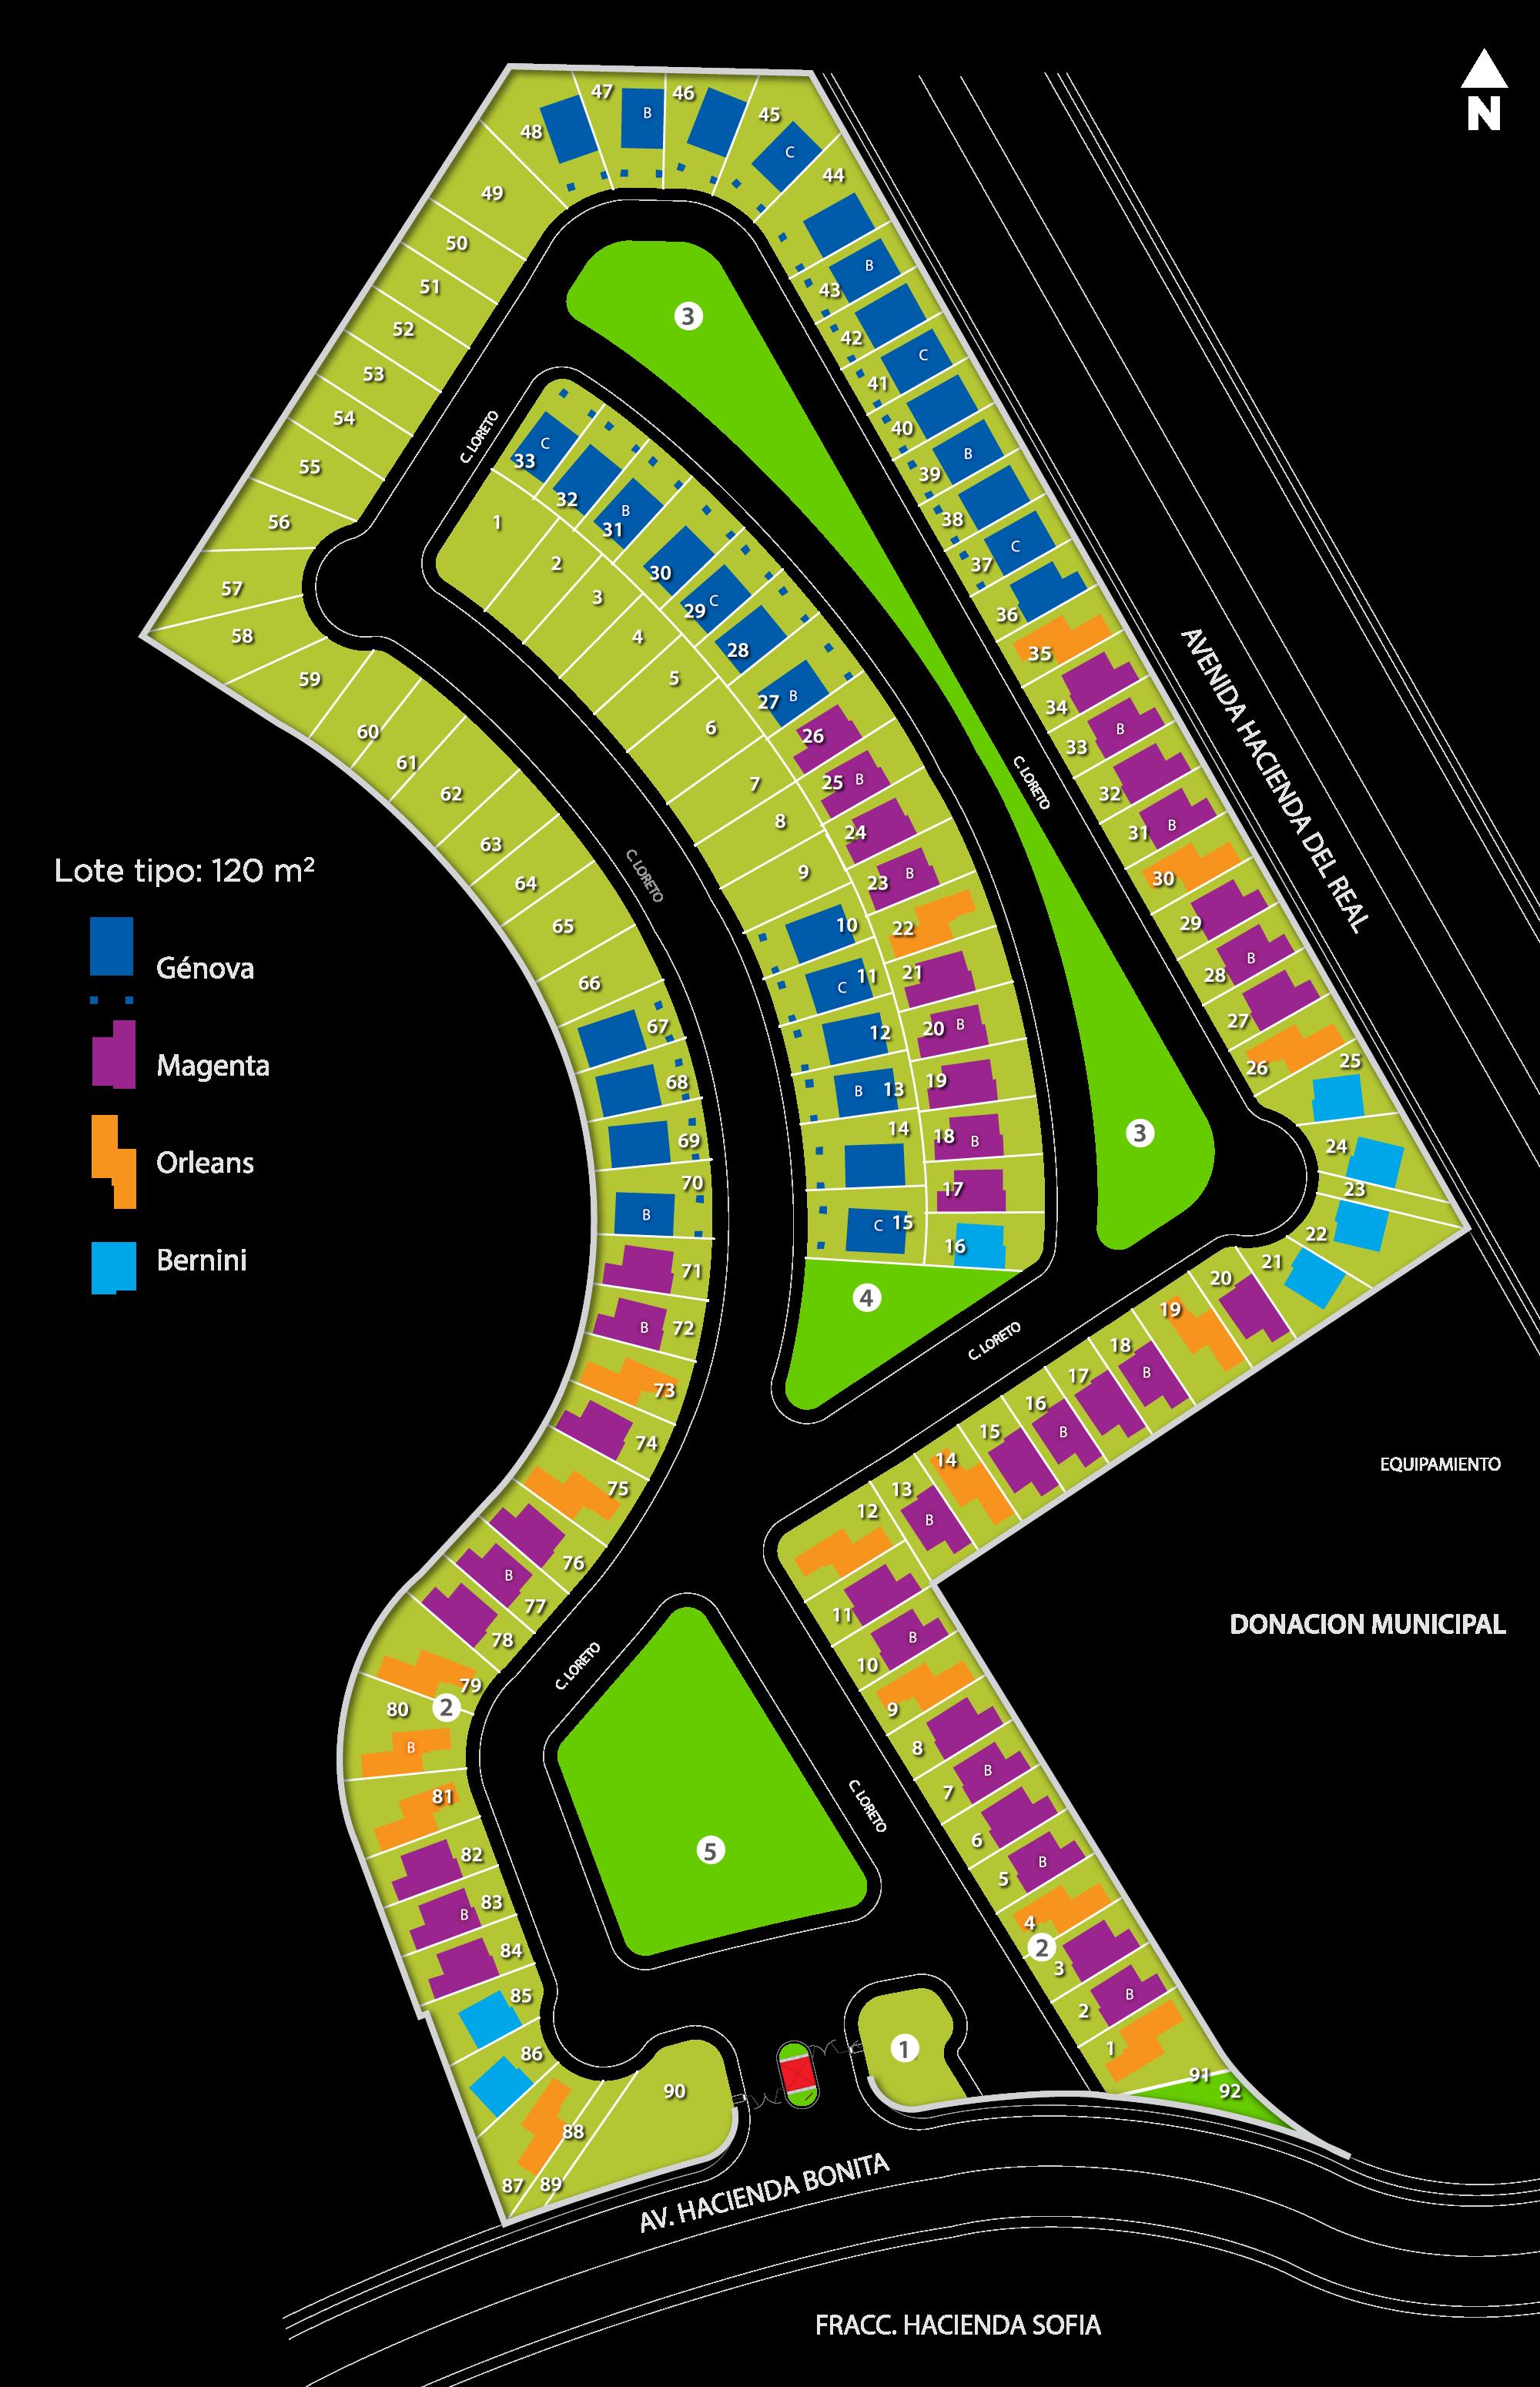 lotificacion-villa-venetto